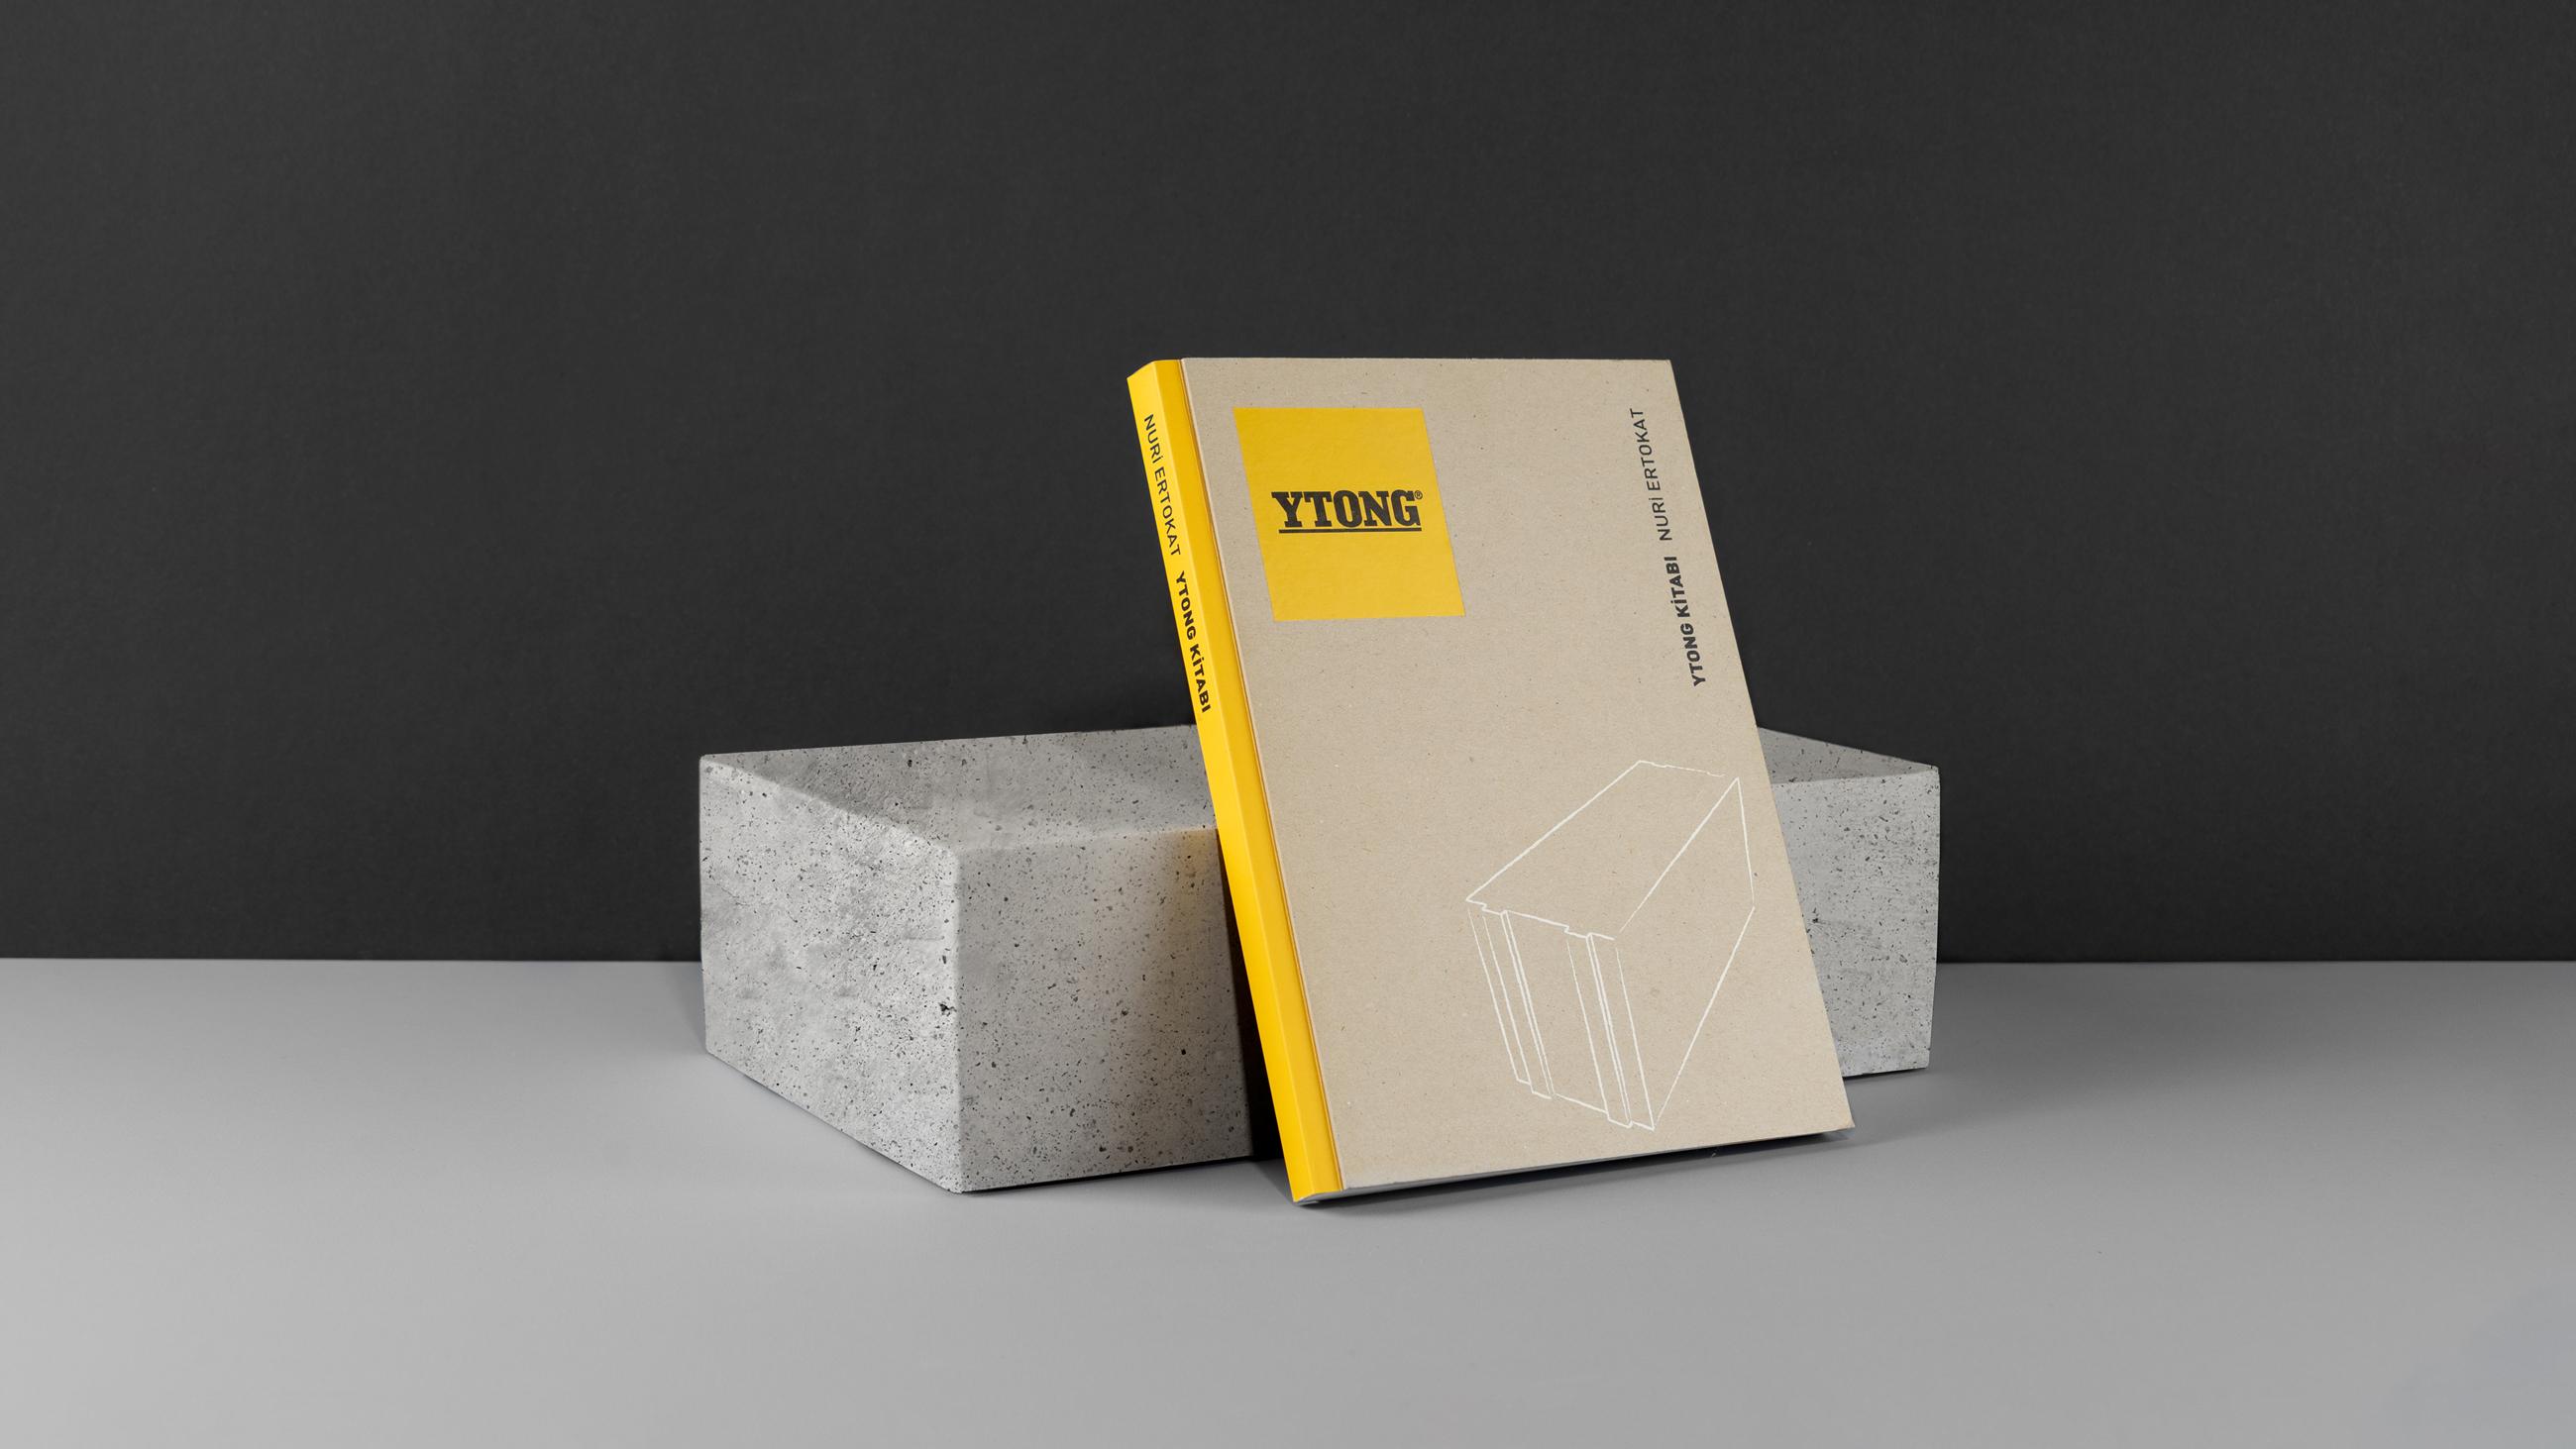 Ytong Book